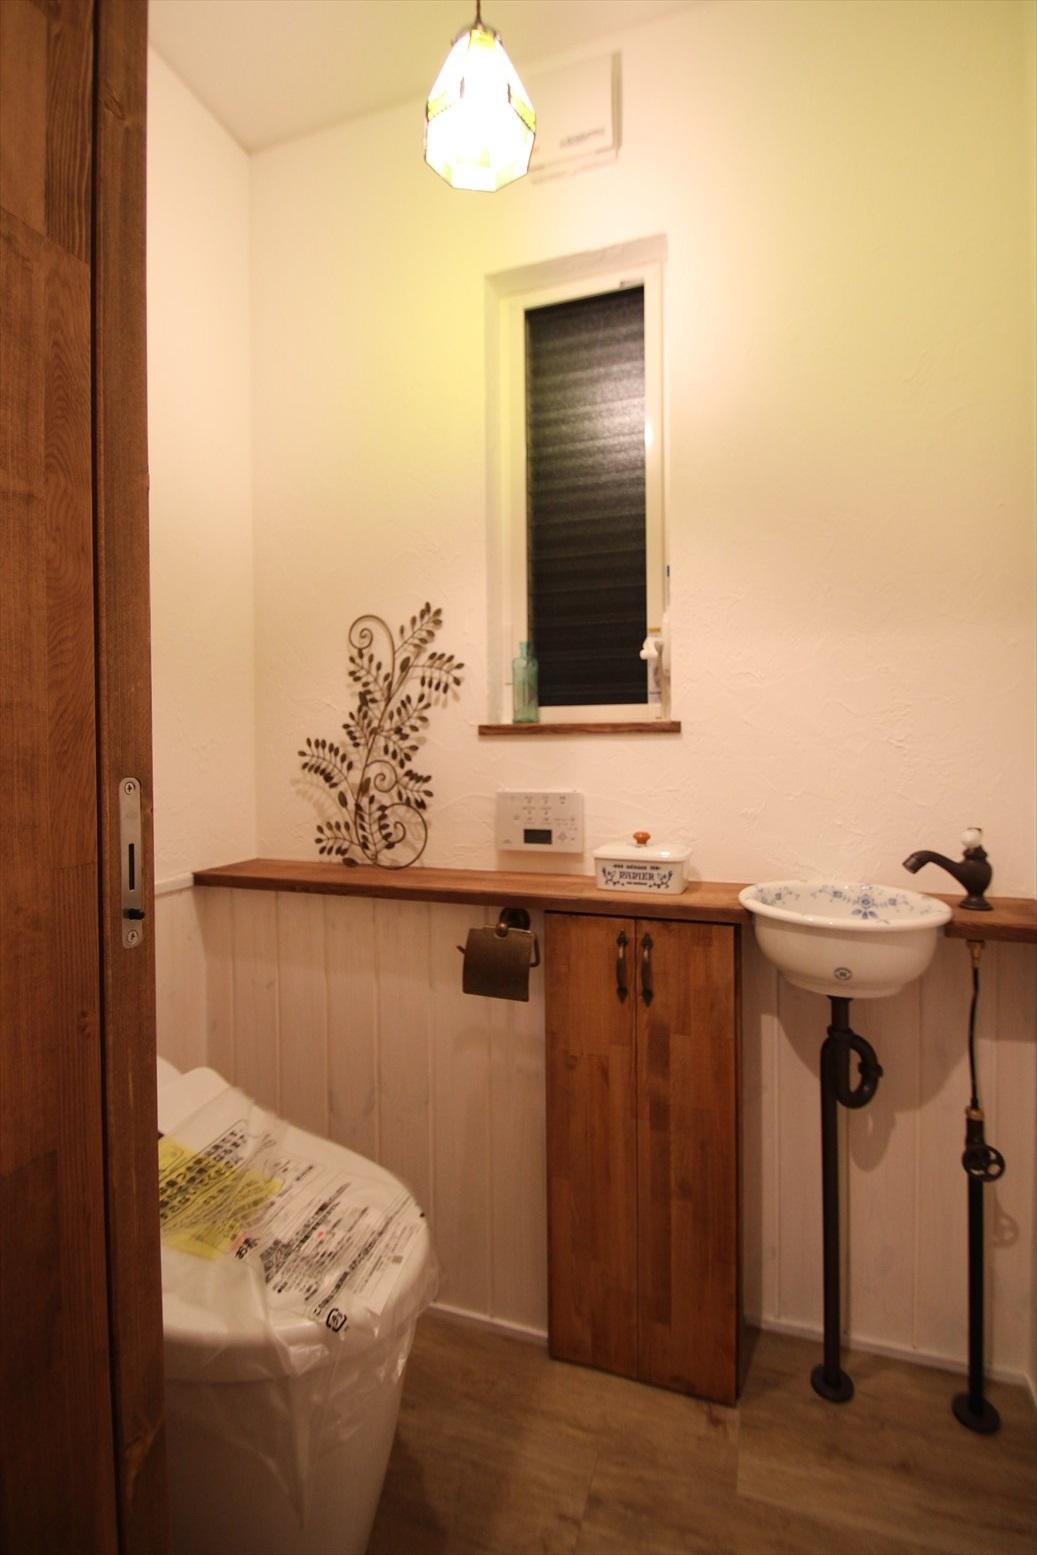 フレンチスタイルの家|石川県金沢市の注文住宅・デザイン性・新築の家・戸建て|E-HOUSE